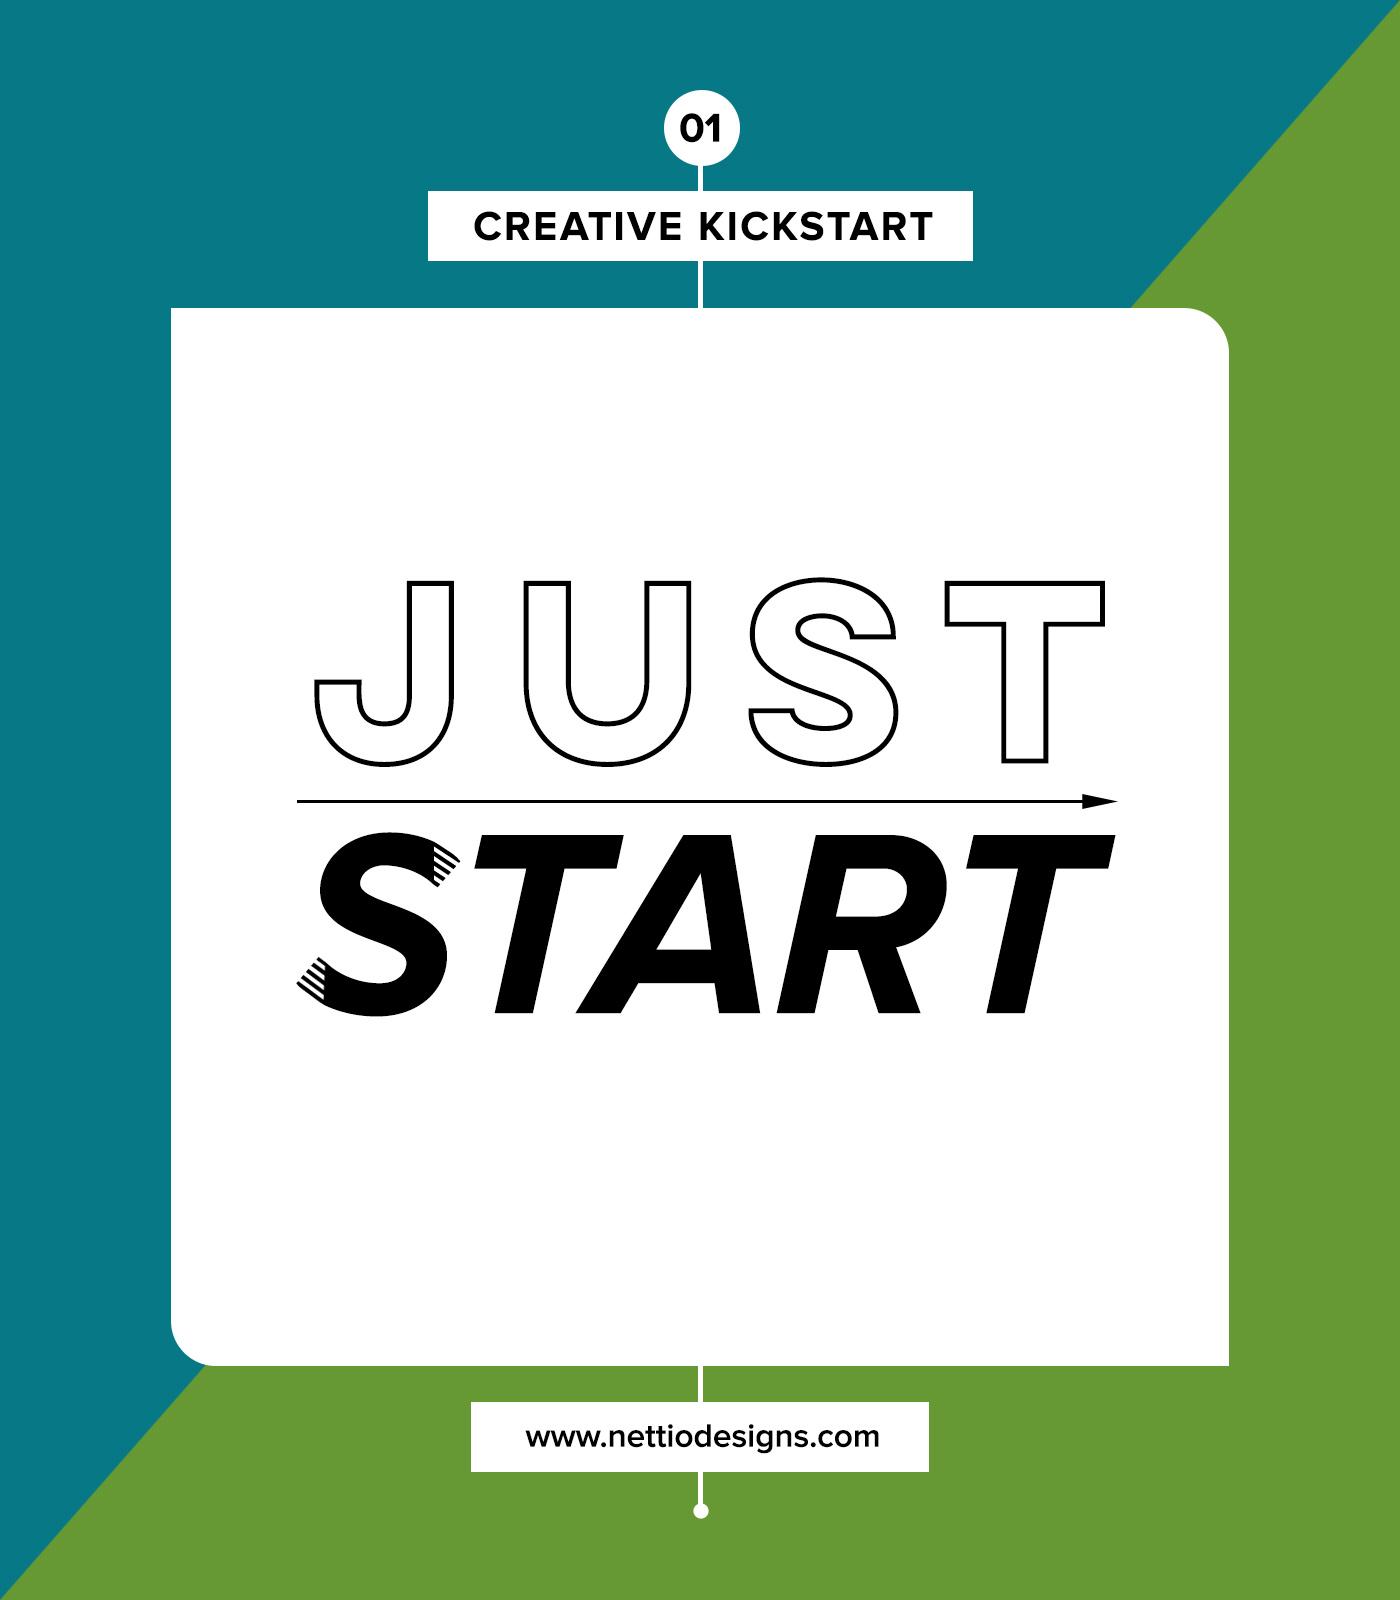 nettio_CreativeKickstart-01-JustStart-vert